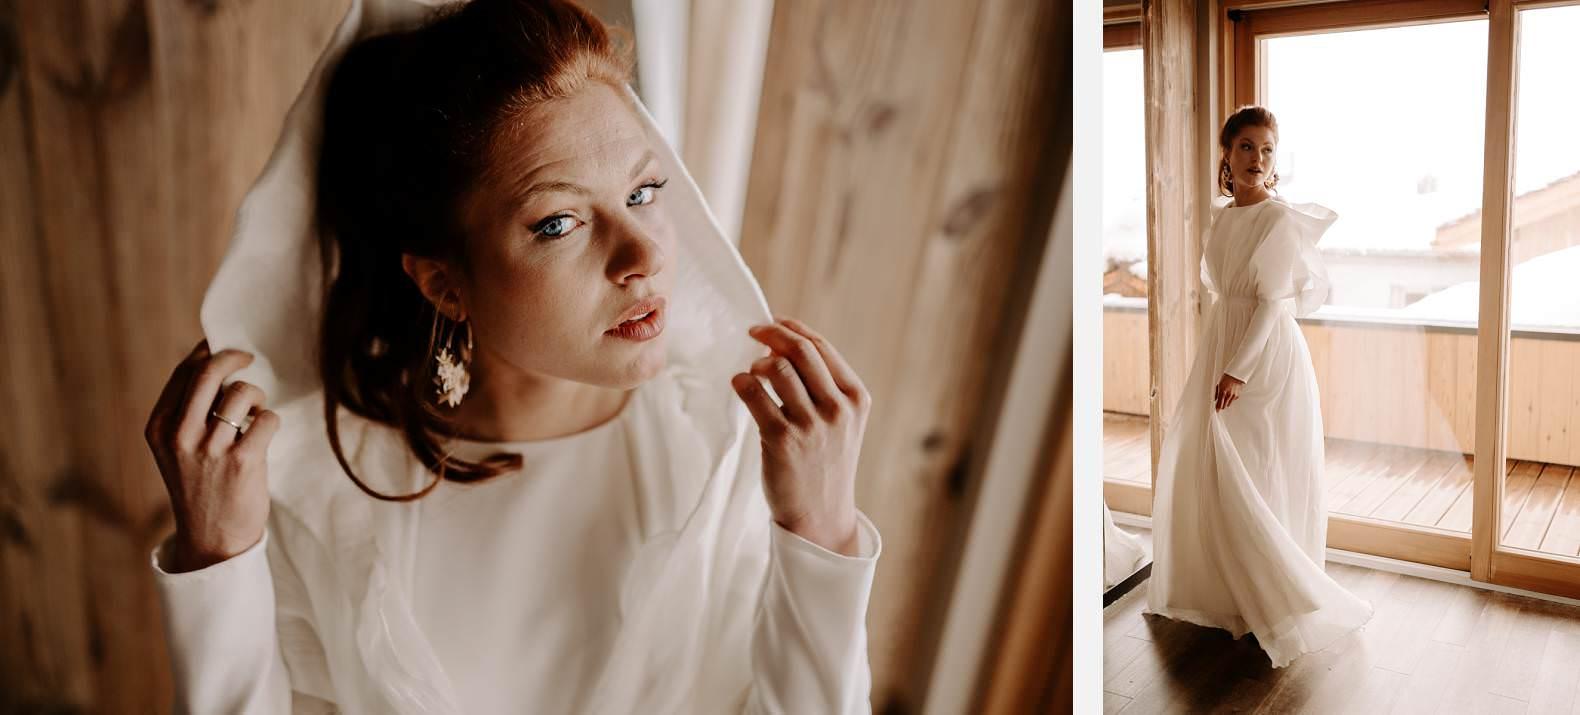 mariage hiver alpes huez isere hotel grandes rousses photographe bel esprit 0016